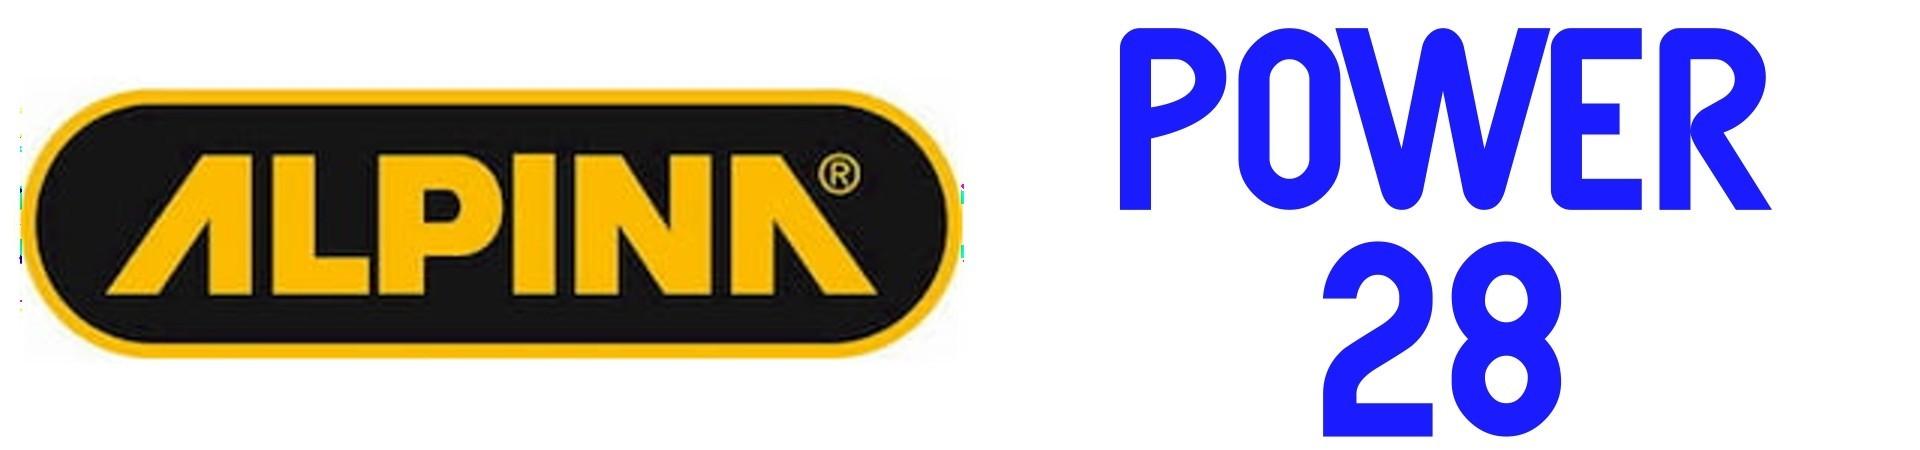 RECAMBIOS para Desbrozador Alpina POWER 28 con Mejor PRECIO del Mercado